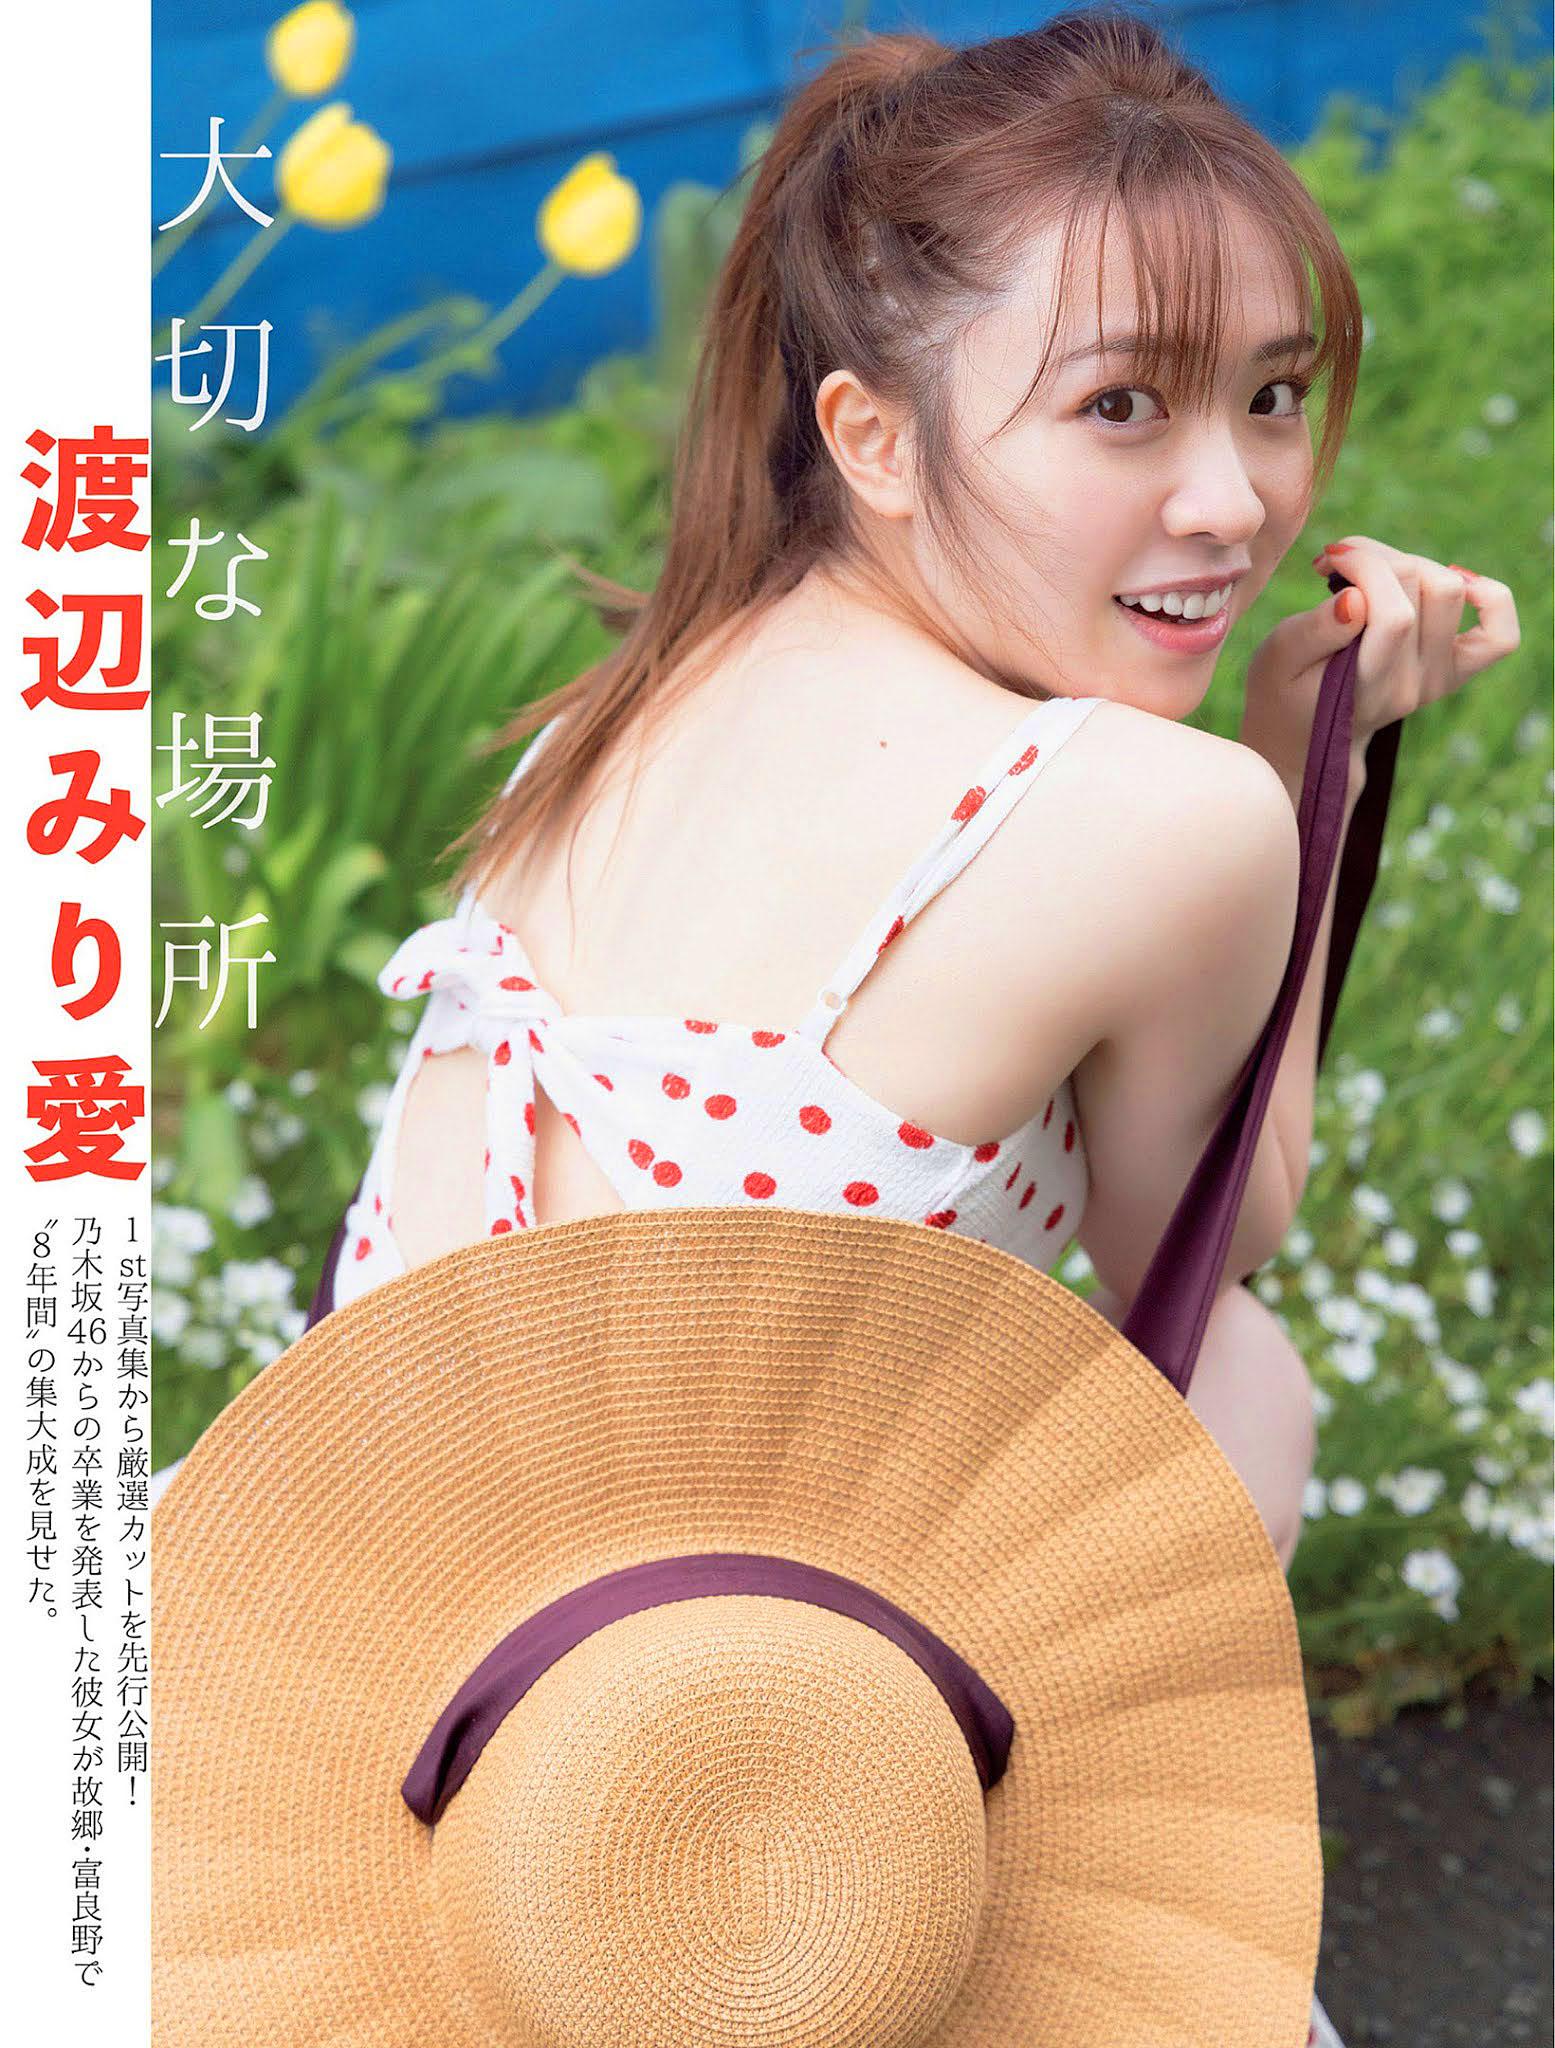 Miria Watanabe N46 Flash 210831 01.jpg